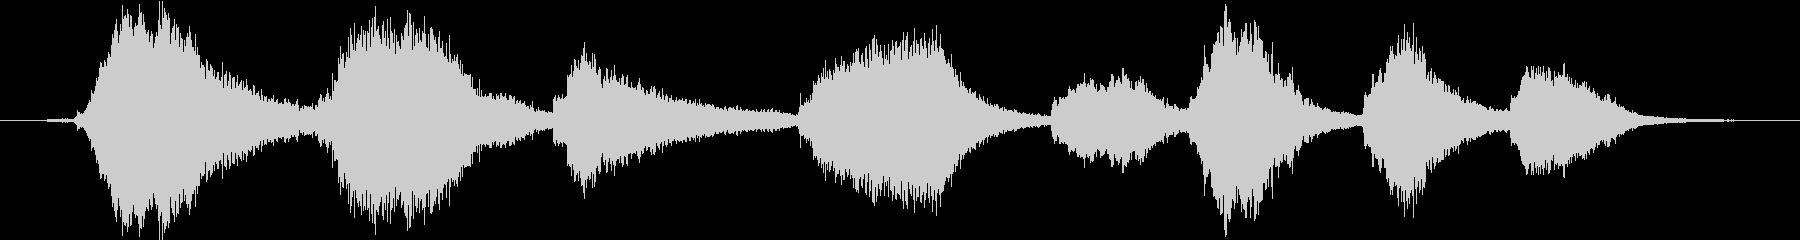 弦の振動を生かした残響アンビエントの未再生の波形